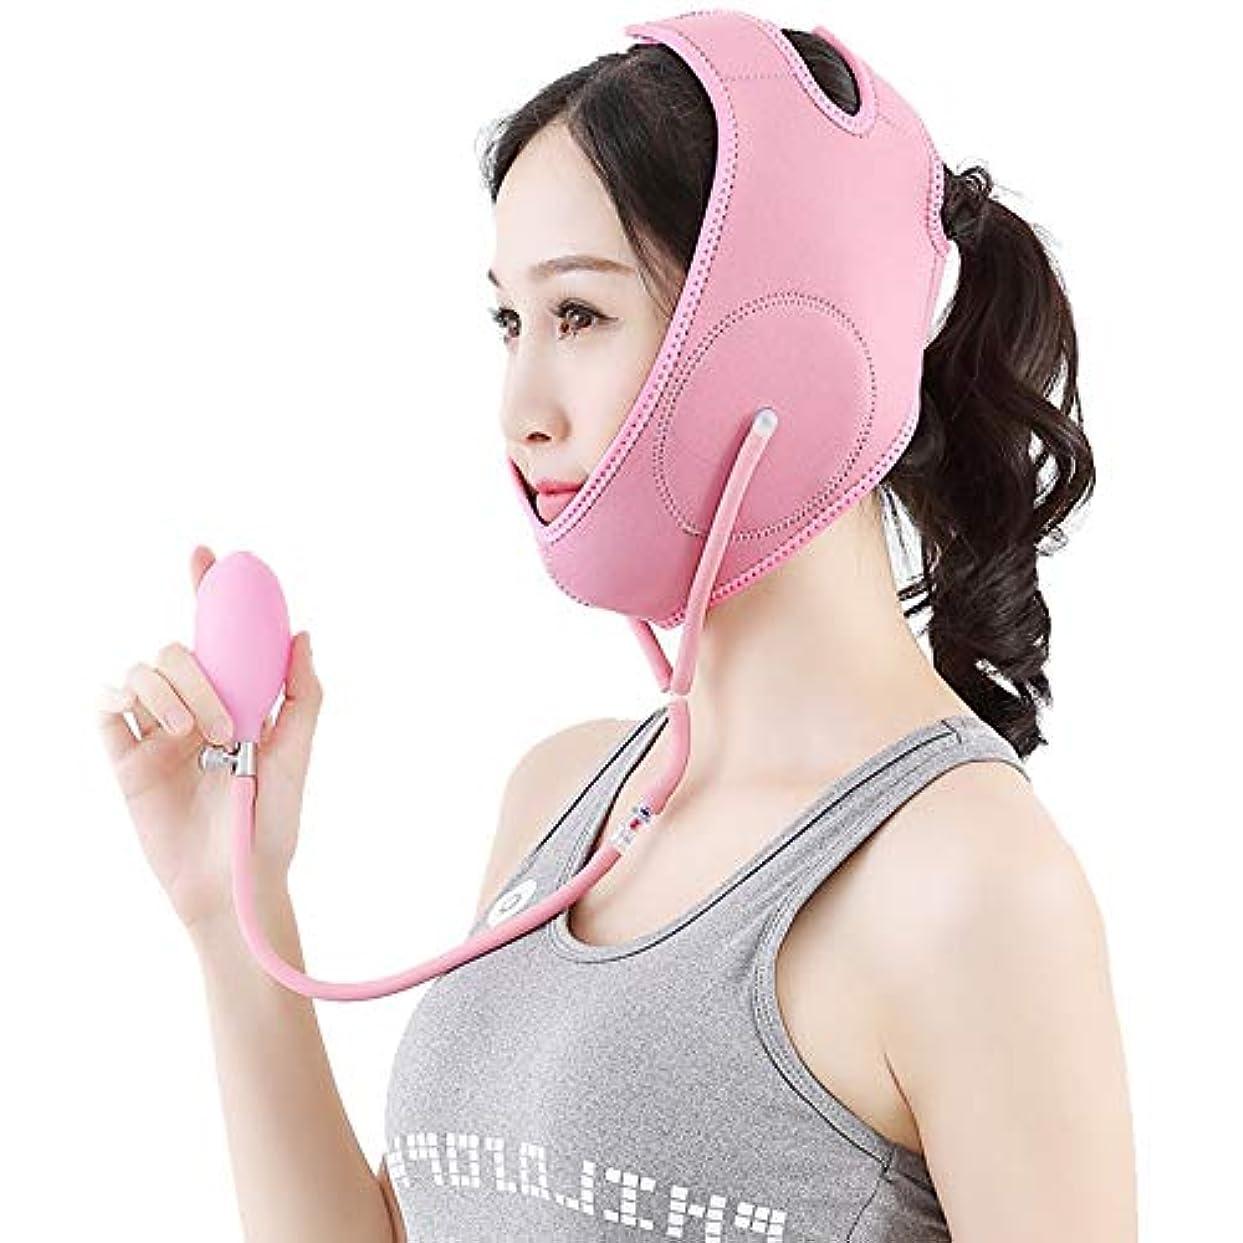 帳面ライターボタンJia Jia- フェイシャルリフティング痩身ベルトダブルエアバッグ圧力調整フェイス包帯マスク整形マスクが顔を引き締める 顔面包帯 (色 : ピンク, サイズ さいず : M)